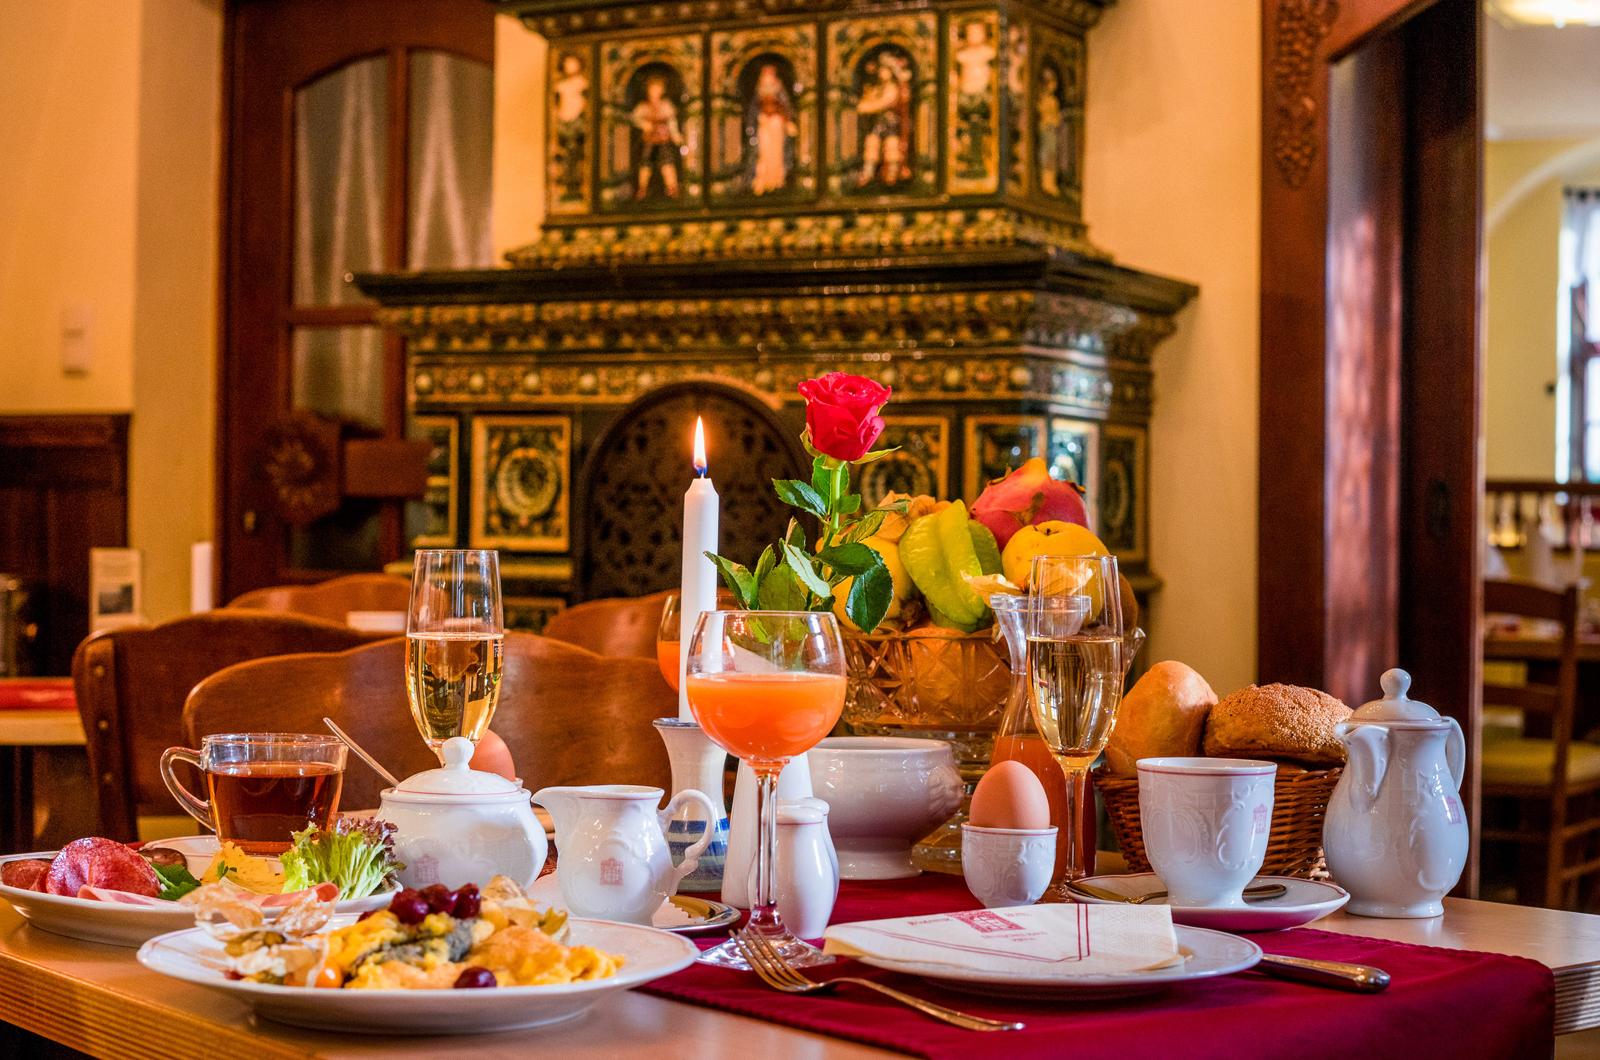 Restaurant mit historischem Ofen